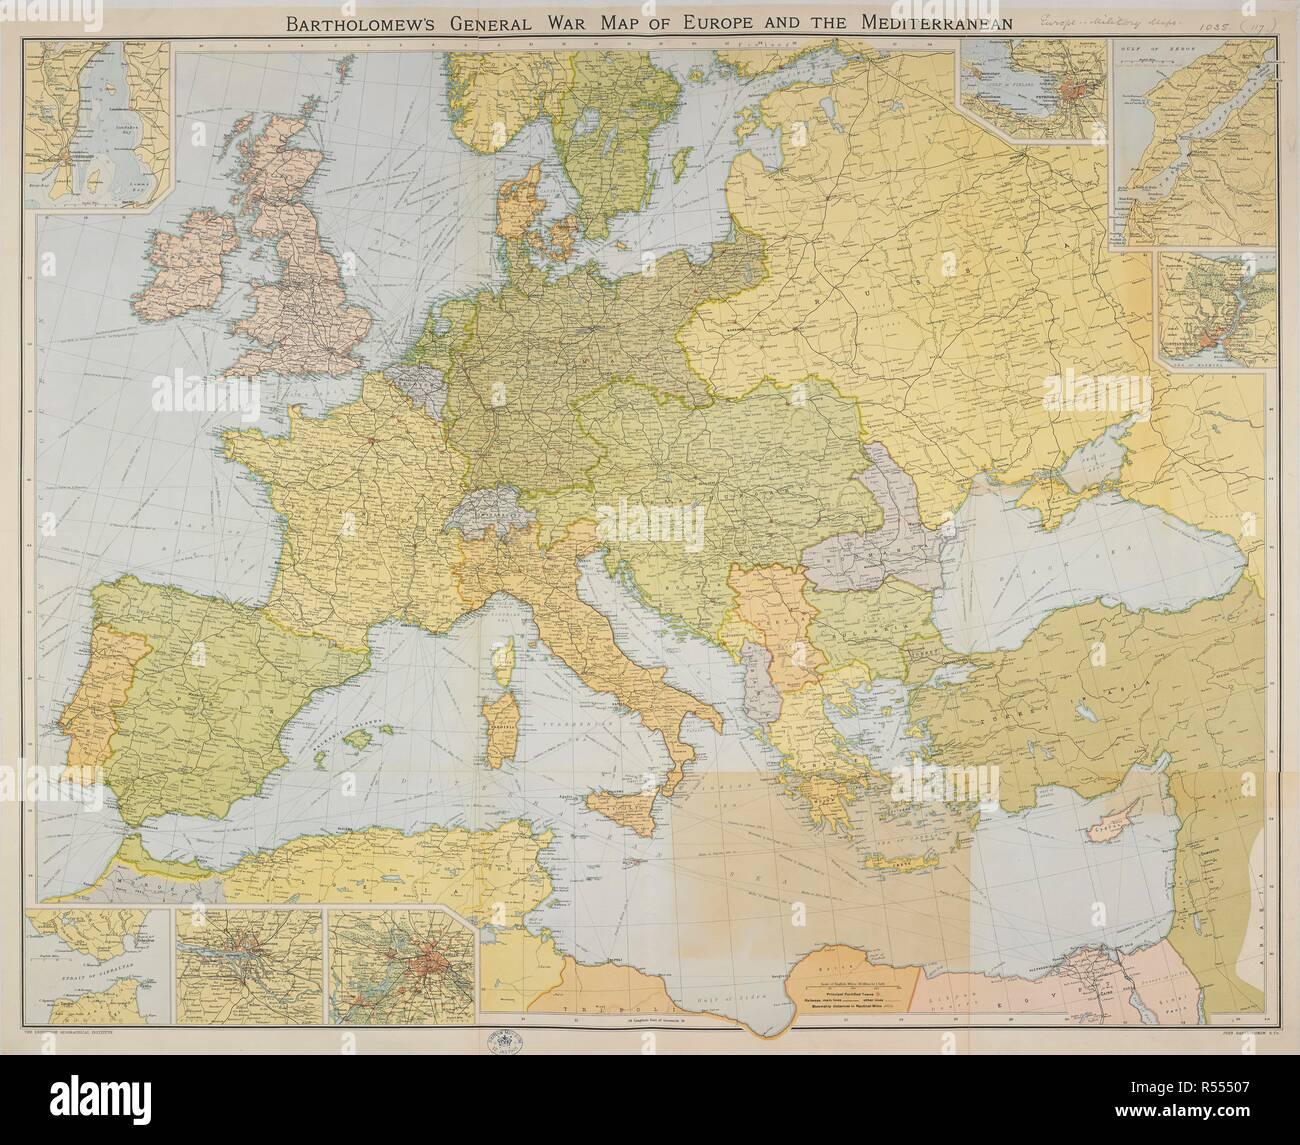 Karte Von Europa 1914.Bartholomew S Allgemeinen Krieg Karte Von Europa Und Dem